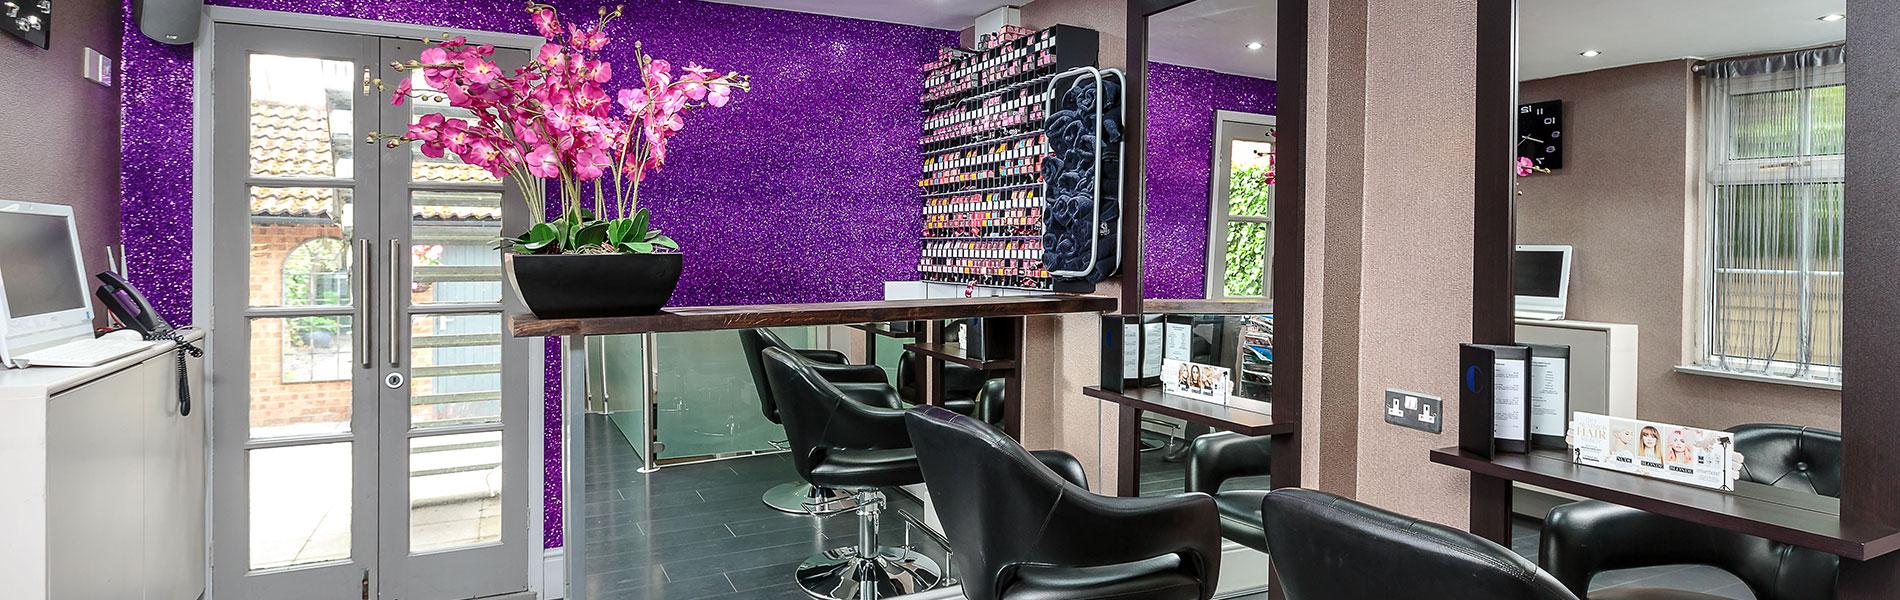 salon-banner-weybridge